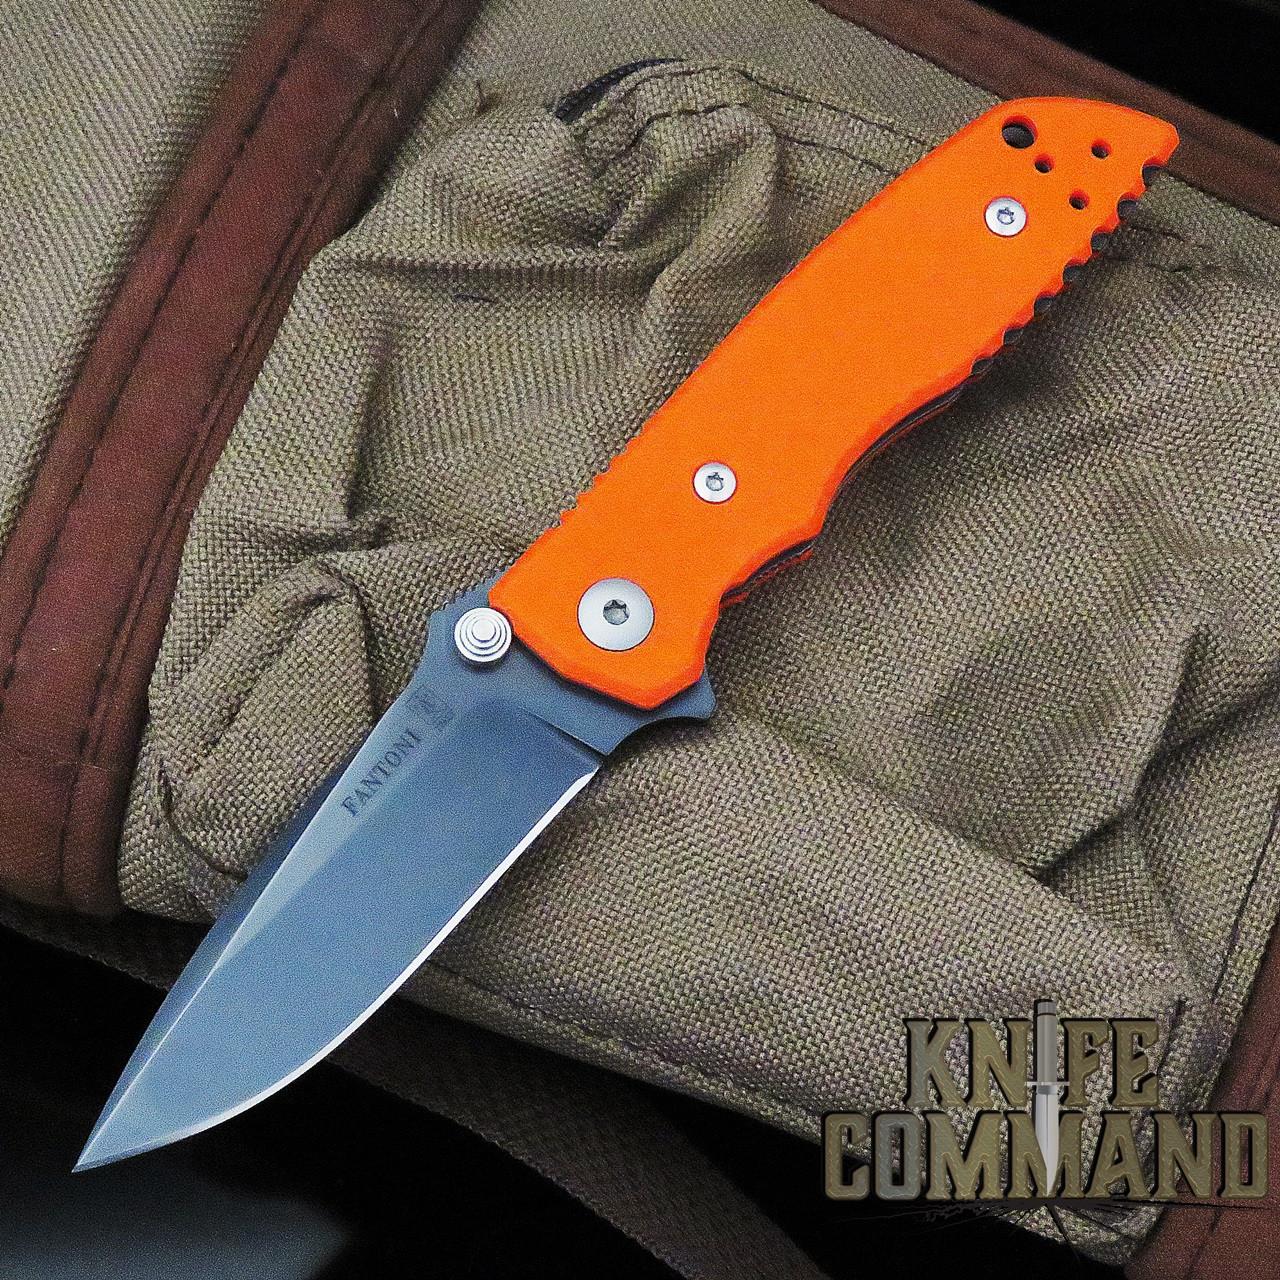 Fantoni HB 03 William Harsey Combat Folder Tactical Knife Blaze Orange S35VN Black PVD